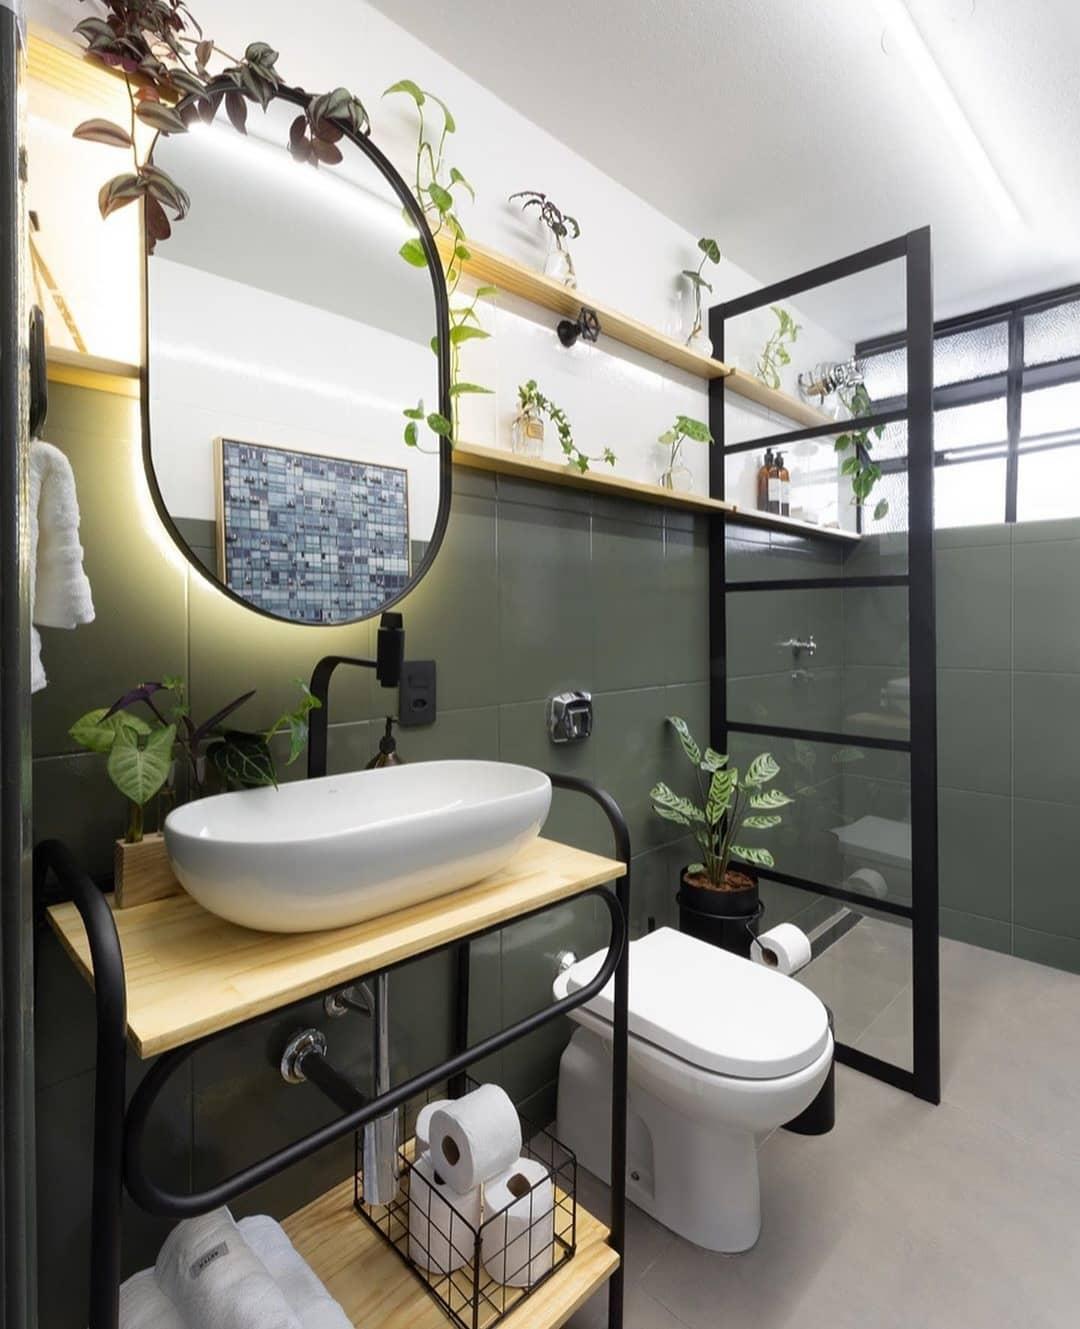 banheiro verde musgo com plantas